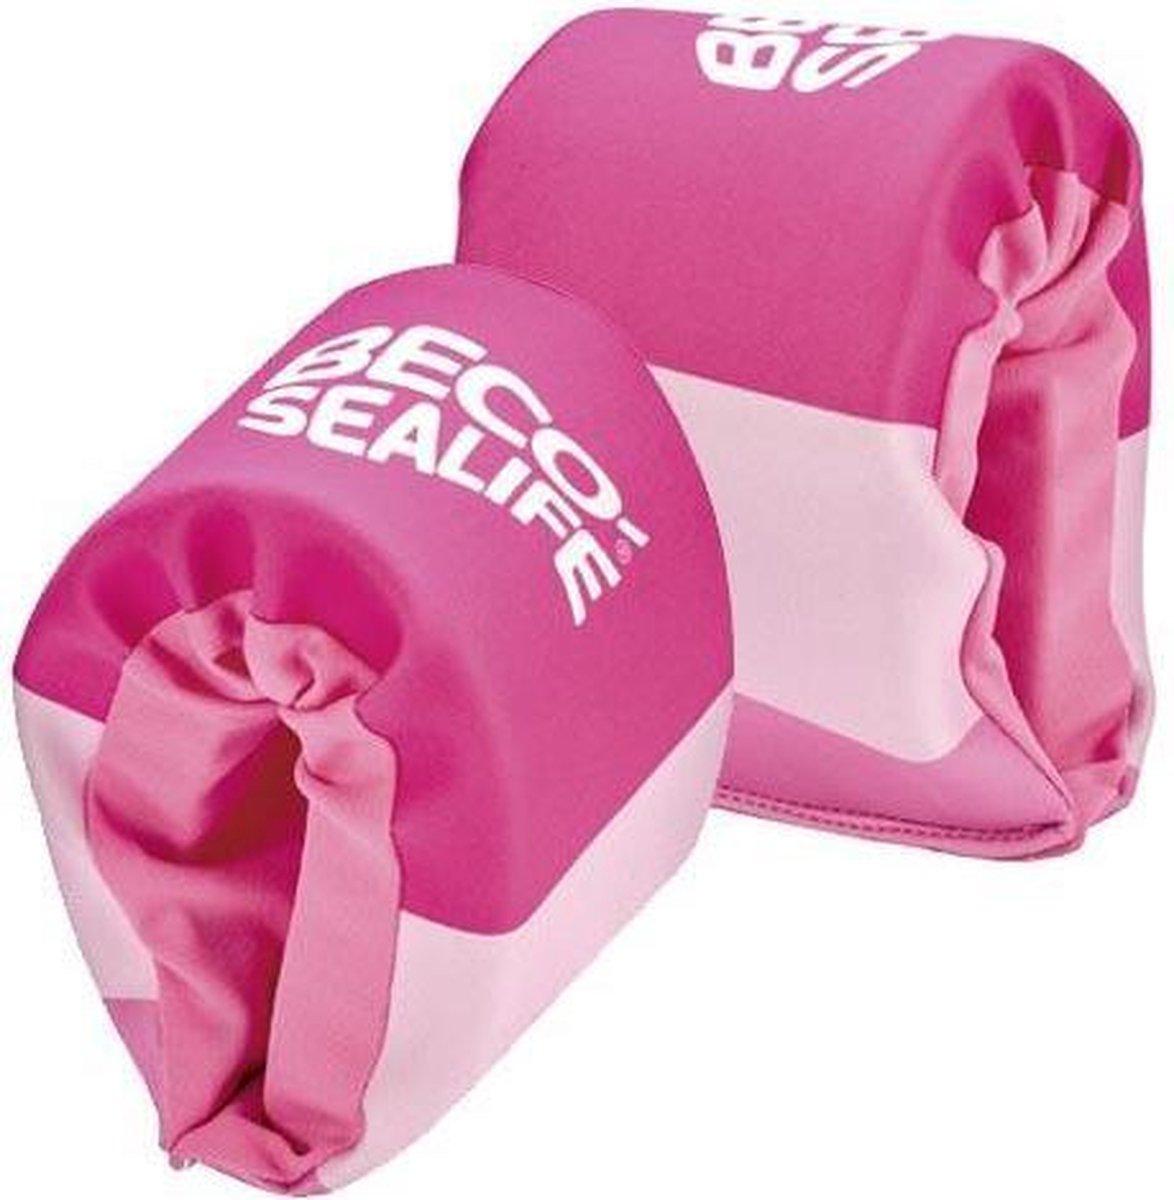 BECO-SEALIFE zwembandjes, neopreen zwembandjes, 15-30 kg, roze